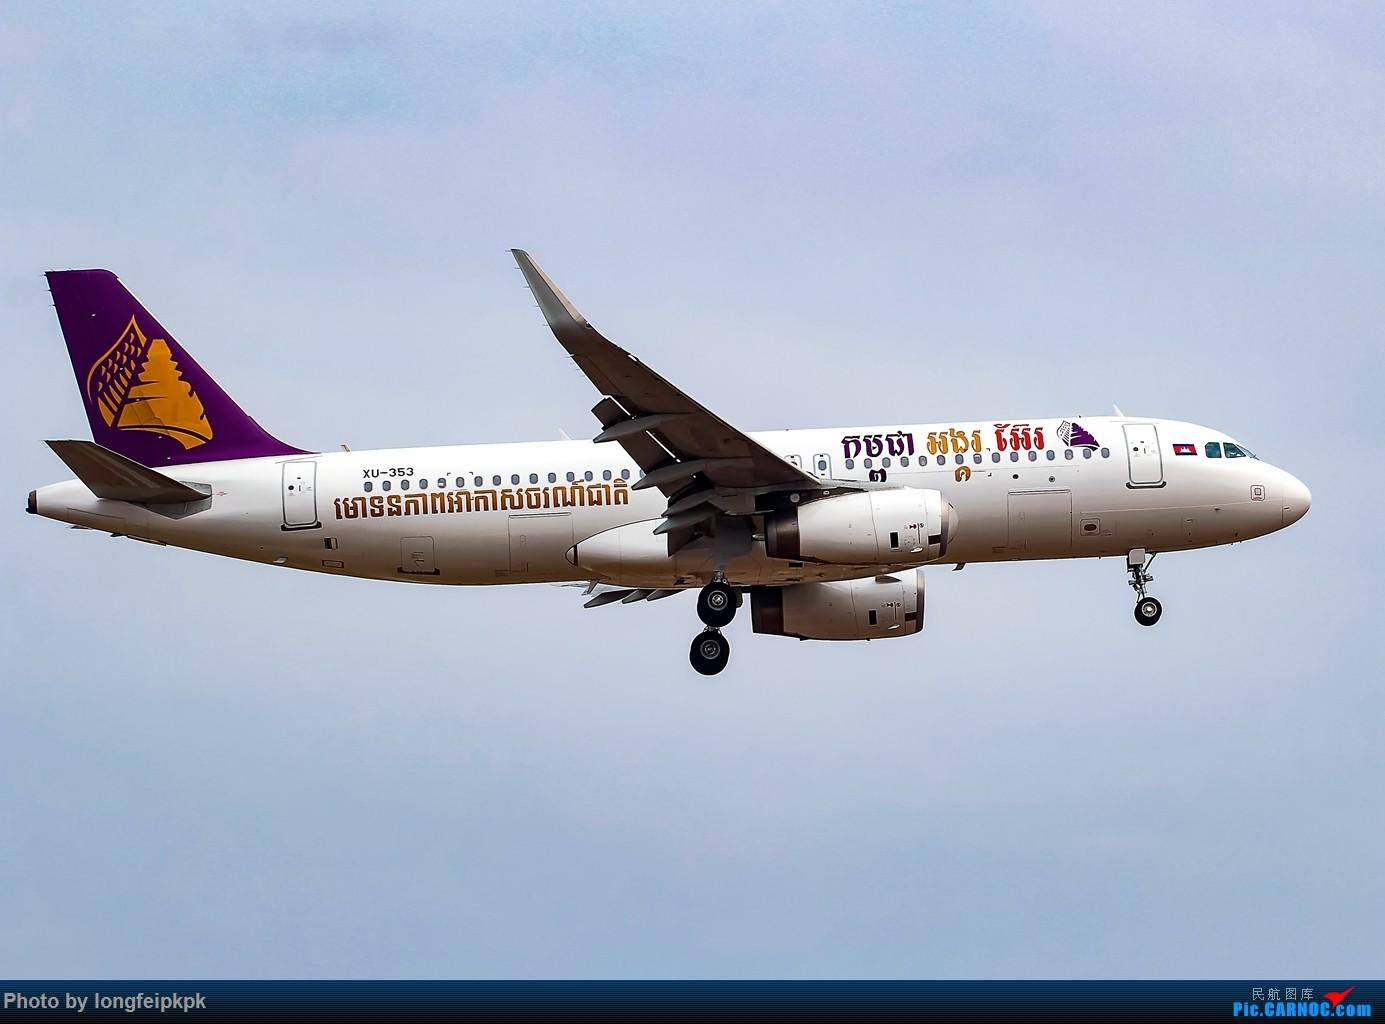 Re:[原创]【郑州飞友会】年初四CGO拍机 BOEING 737-900ER XU-353 中国郑州新郑国际机场